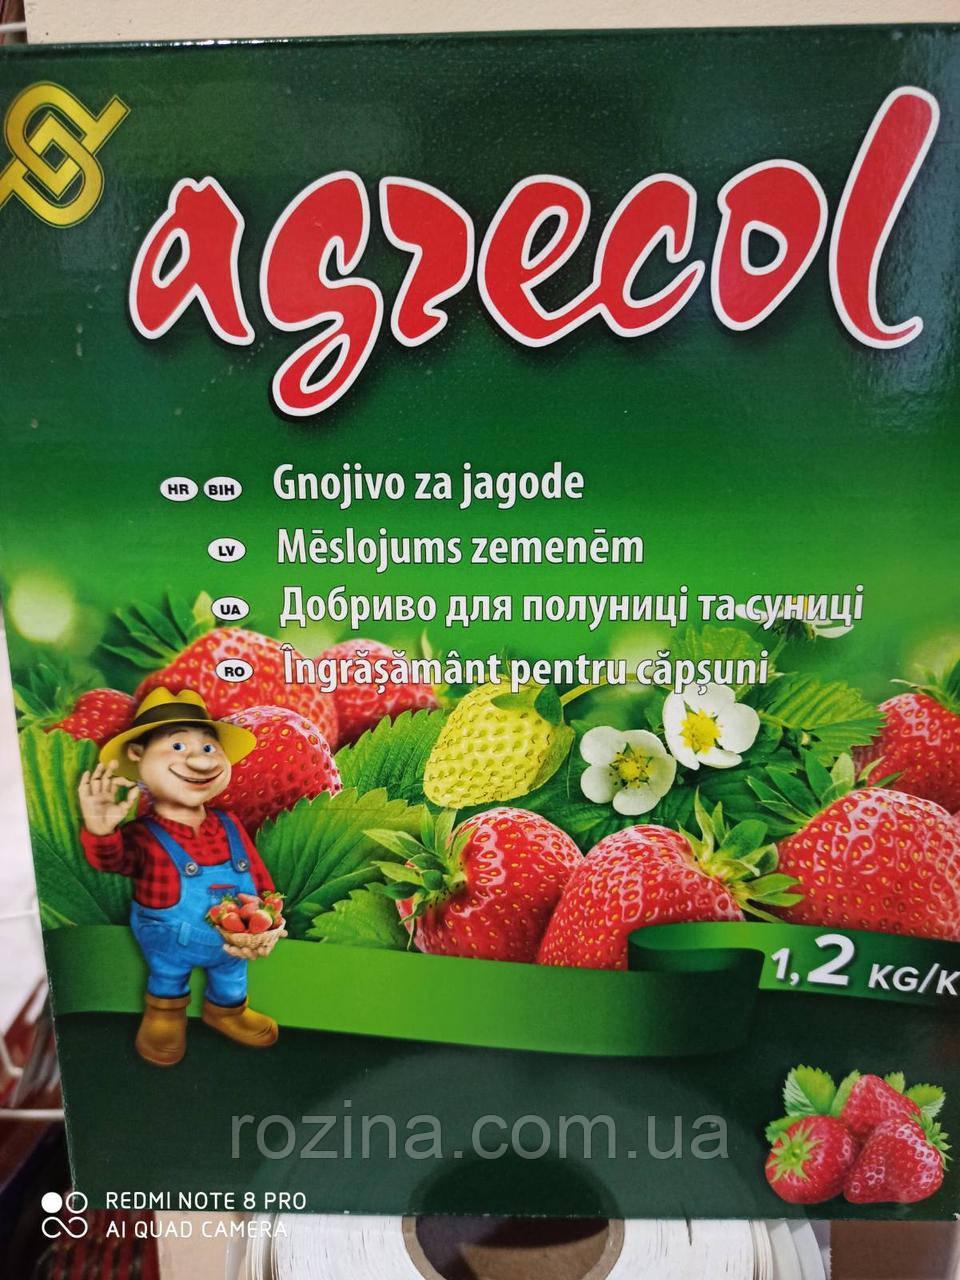 Добриво Agrecol для полуниці і суниці, 1.2 кг